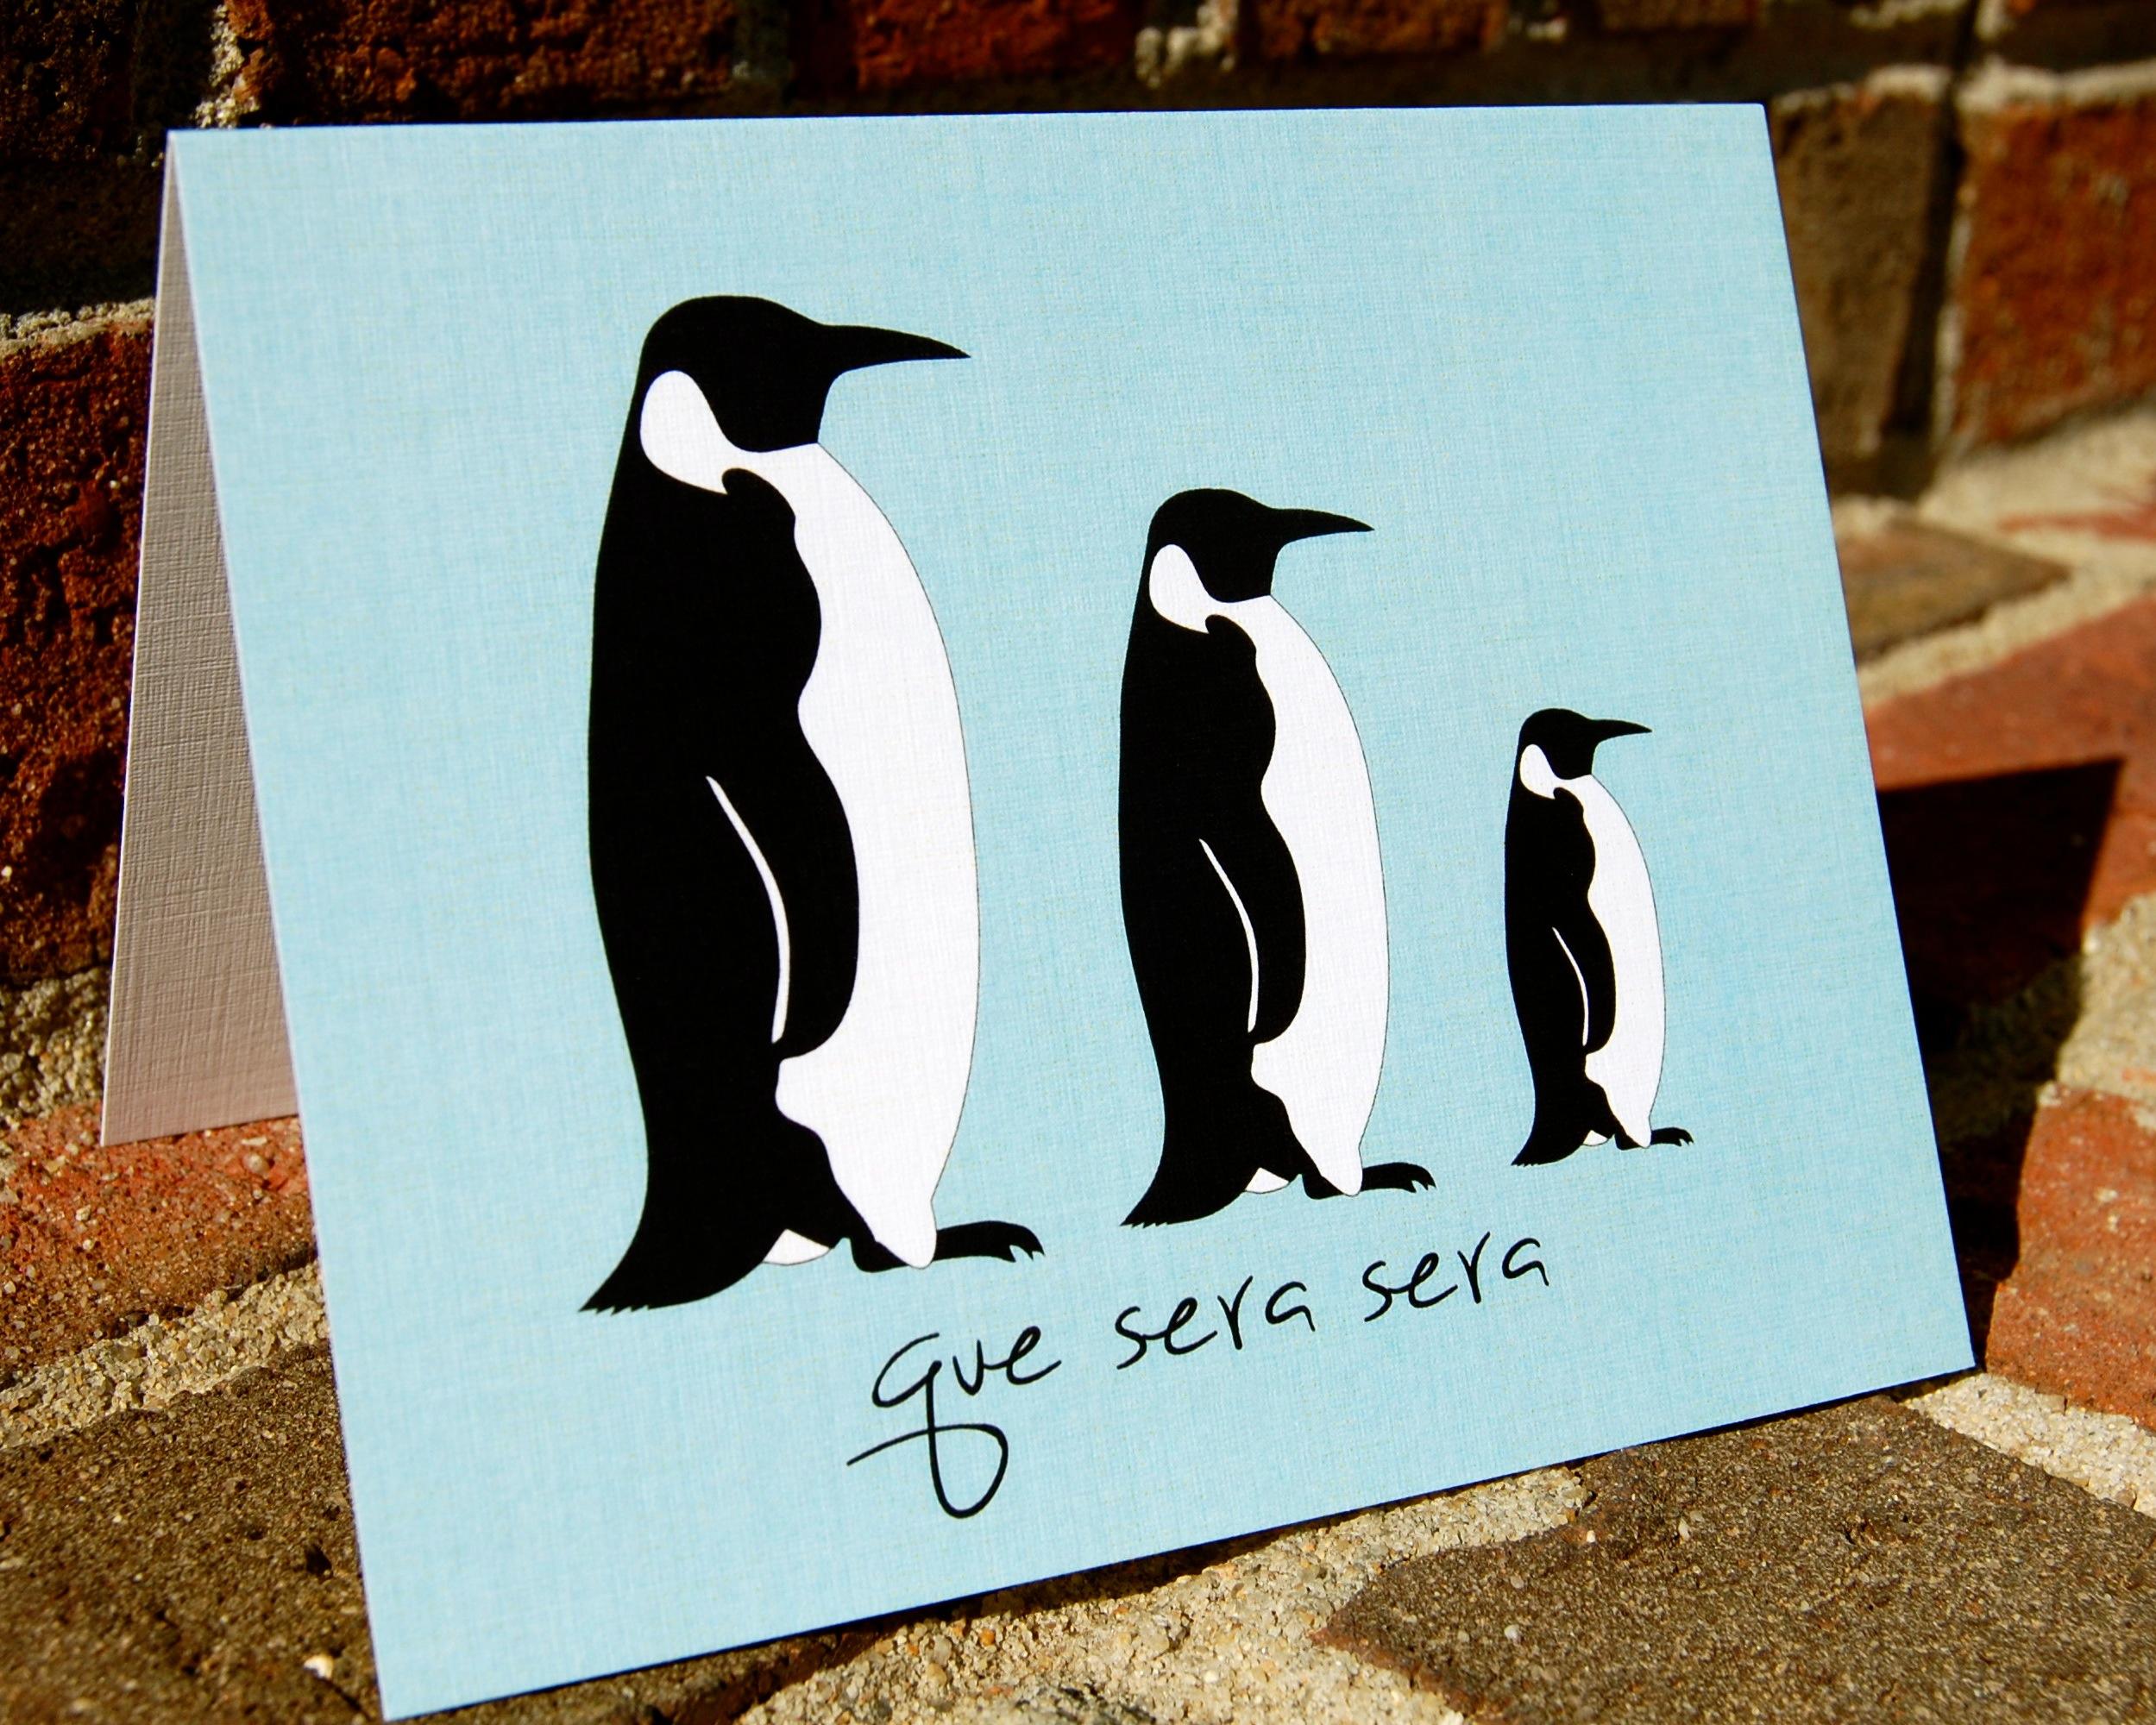 que sera sera penguins - 4.jpg